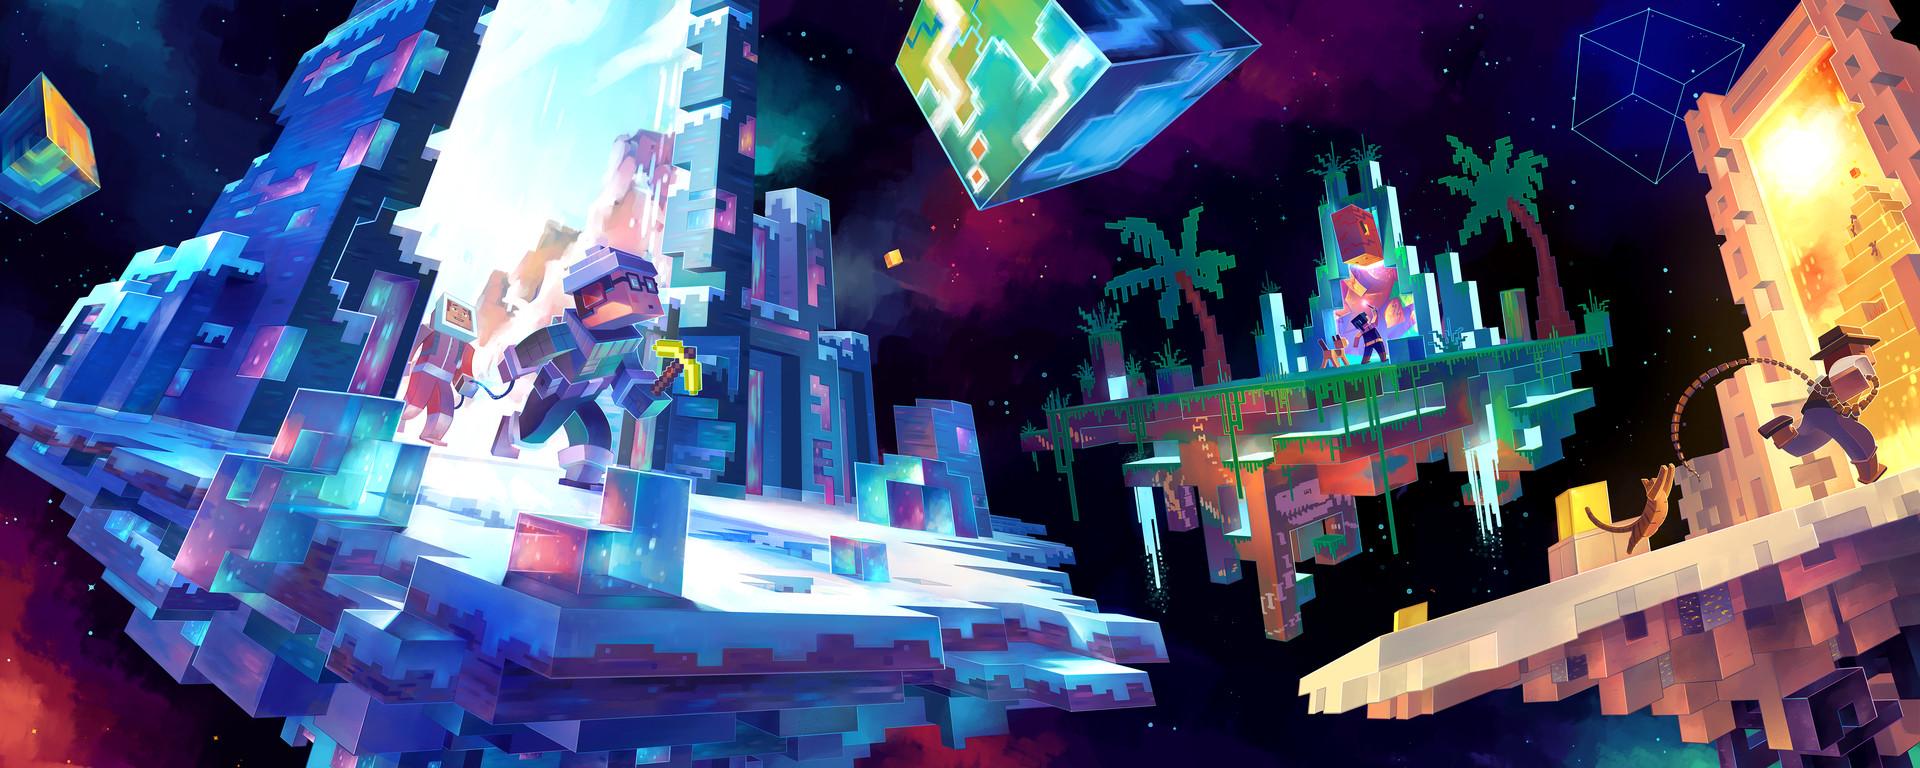 ArtStation - Minecraft art, Meghan Hetrick